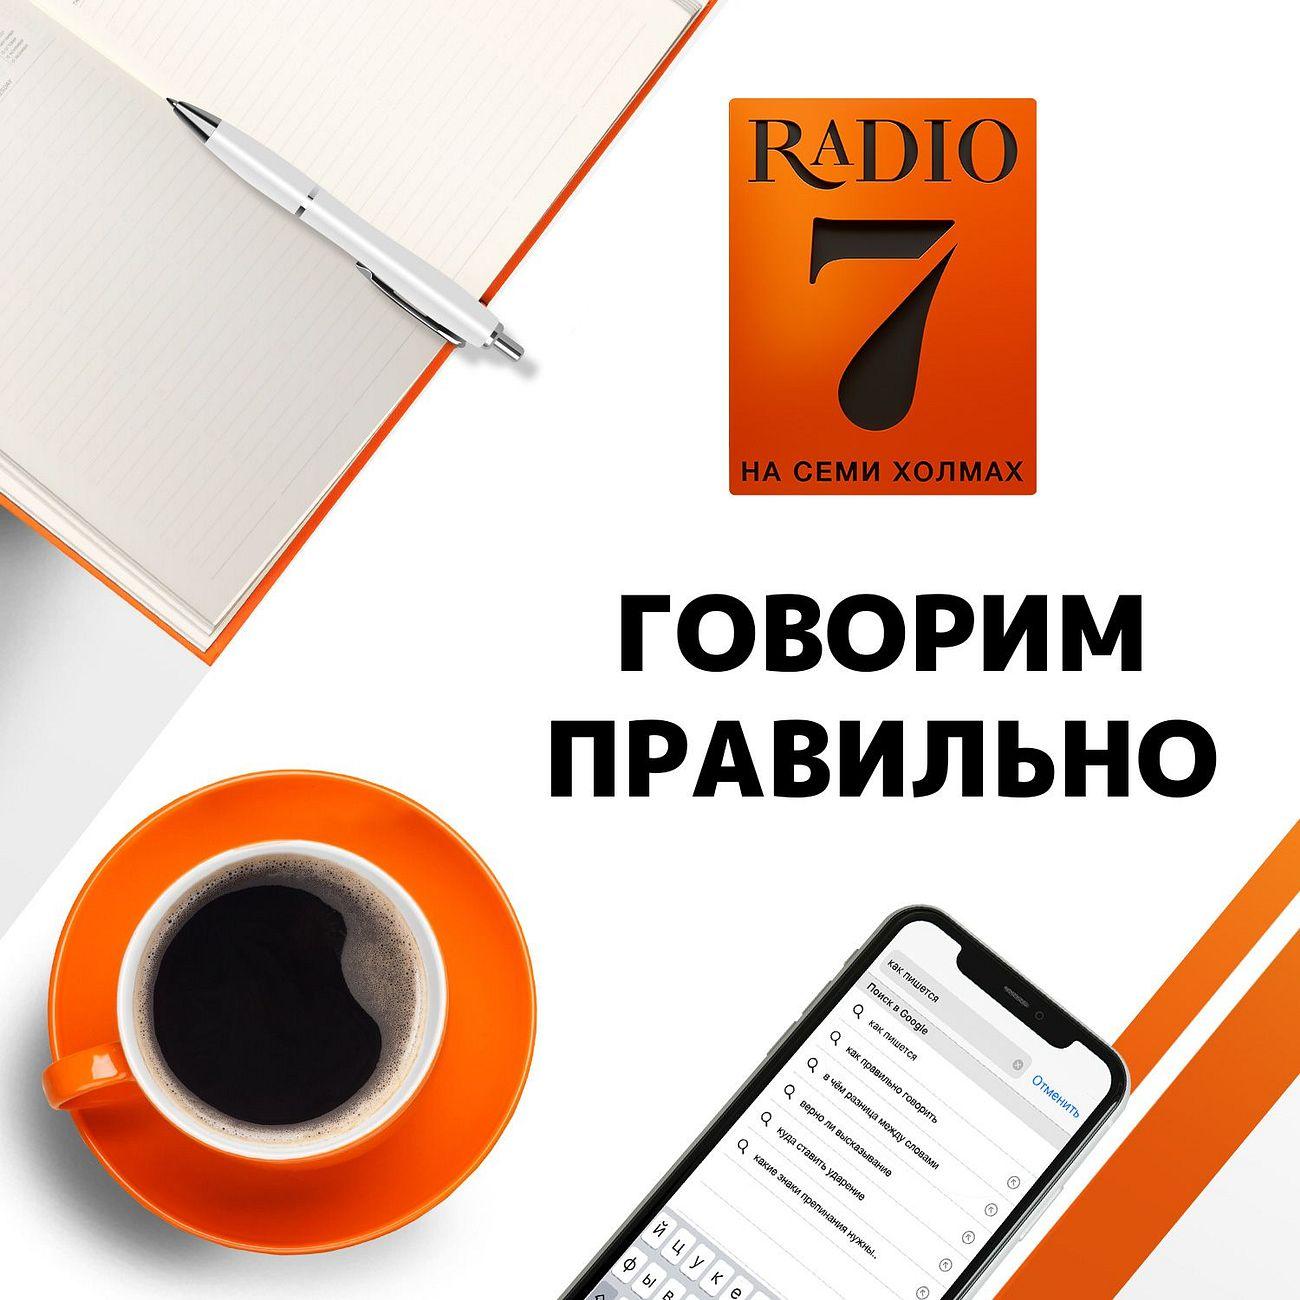 «Говорим правильно» на «Радио 7 на семи холмах»